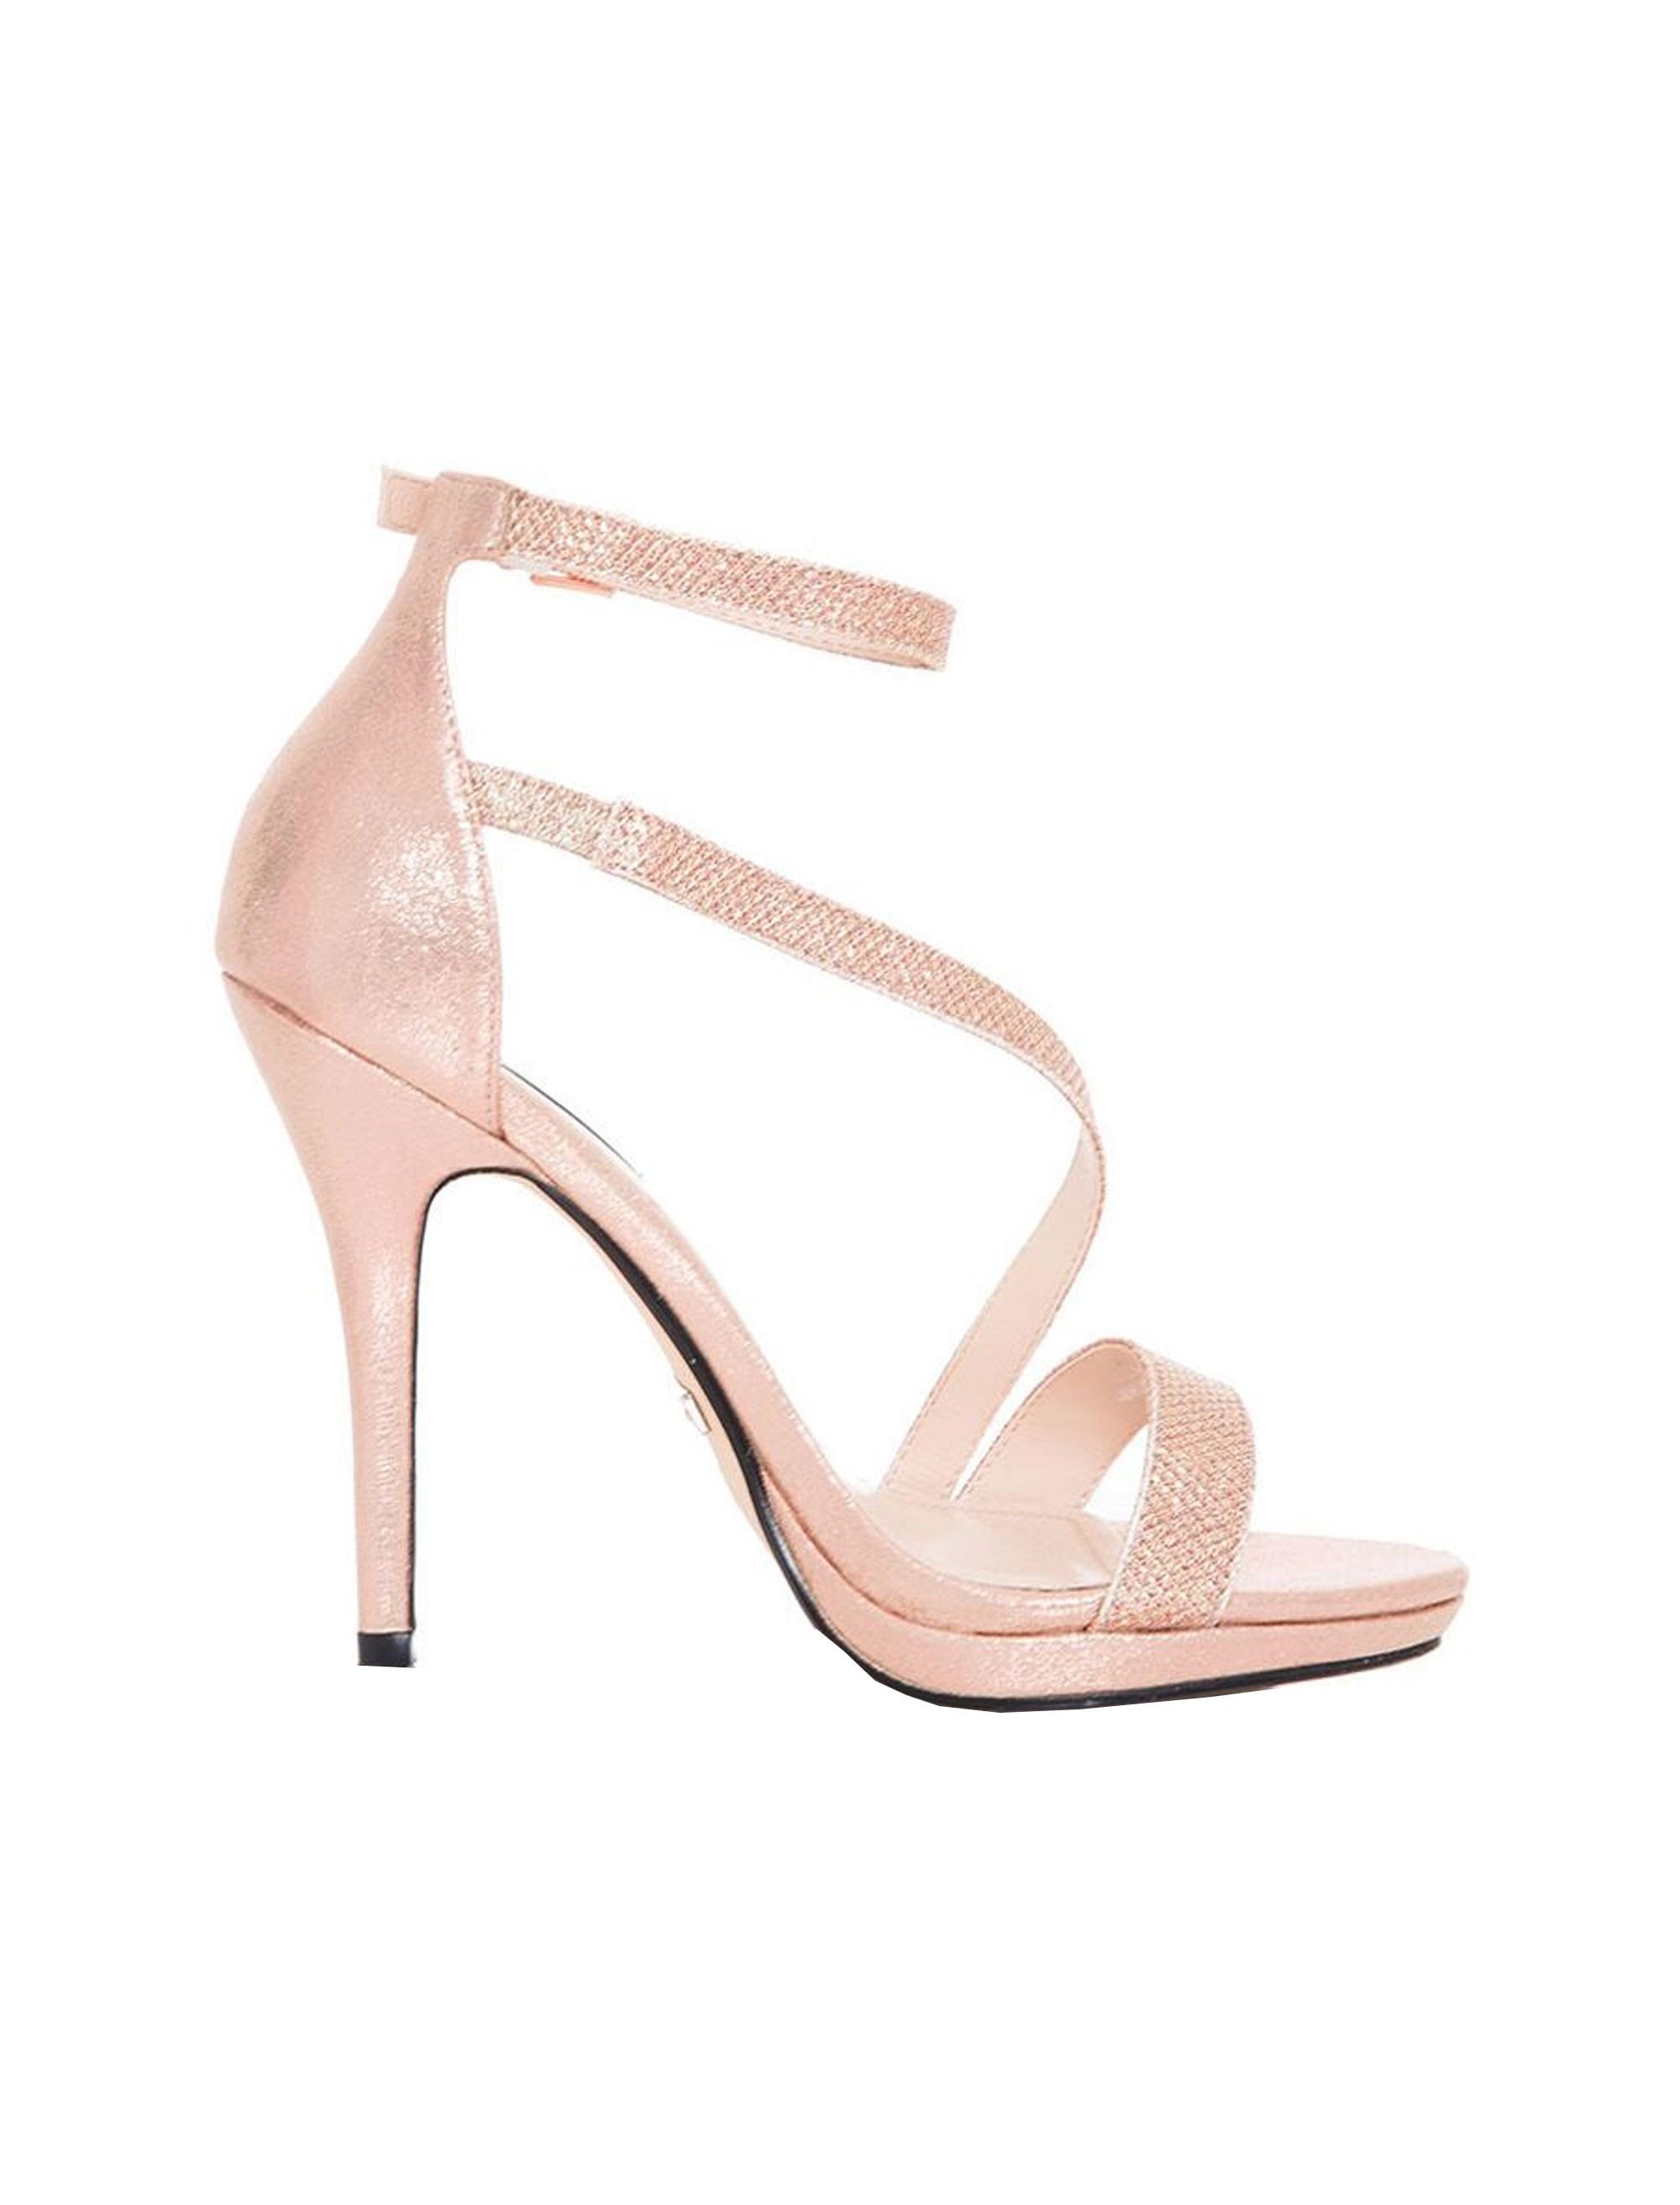 کفش پاشنه بلند زنانه - کوییز